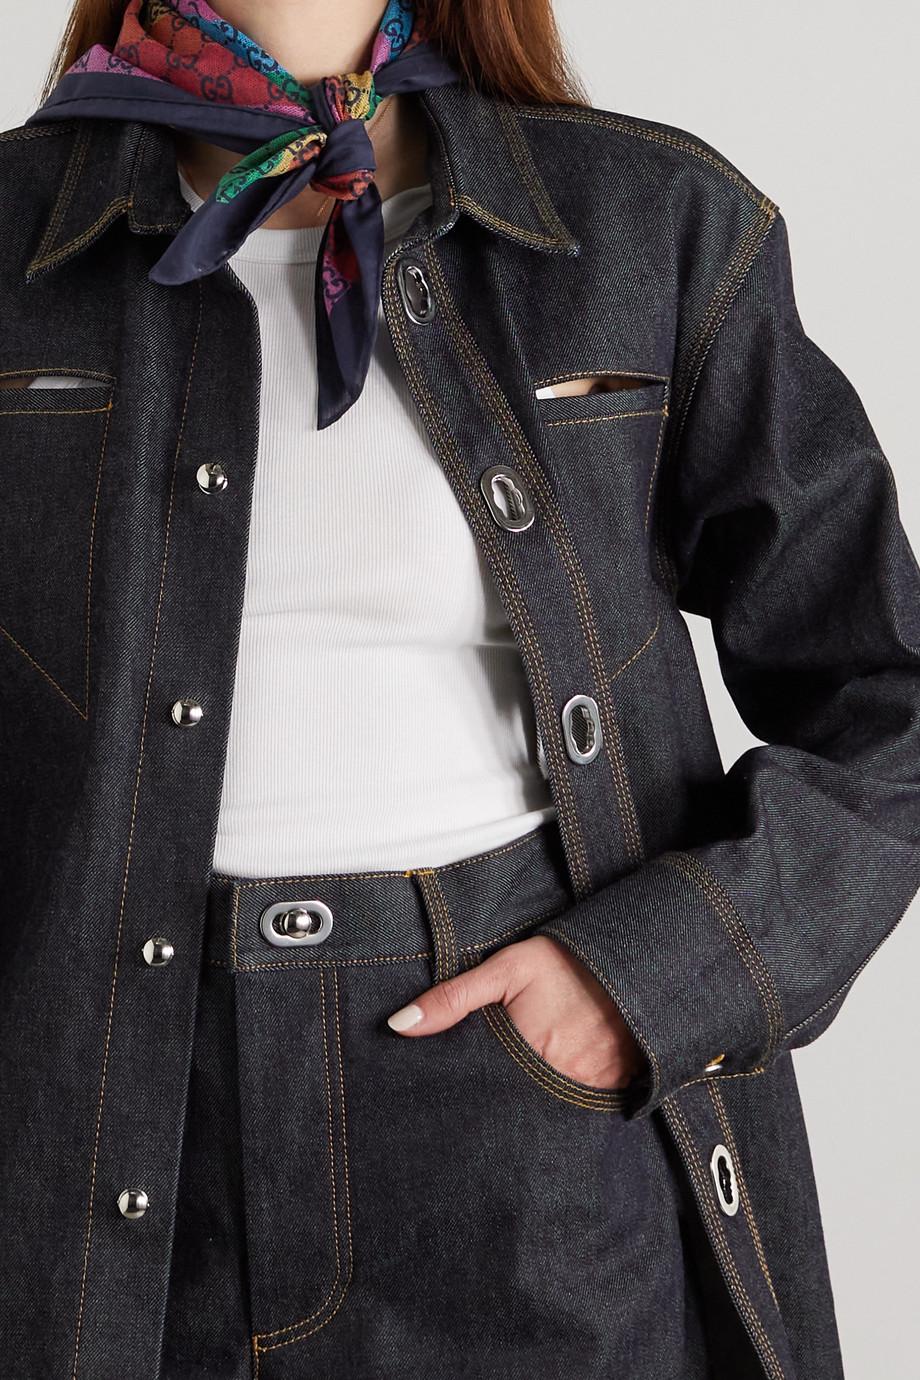 Gucci Foulard en voile de coton imprimé